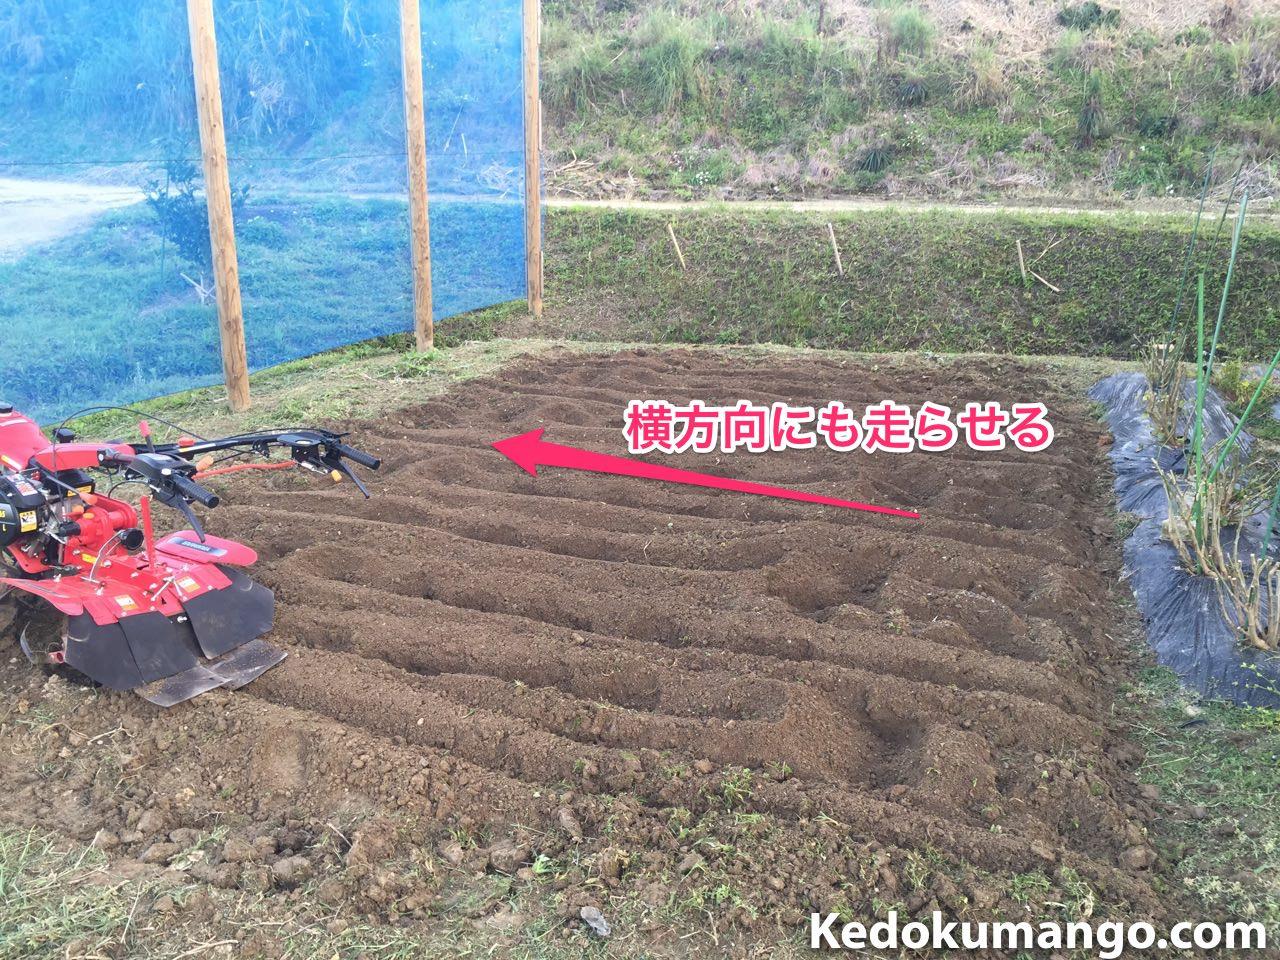 耕運機の走らせ方の開設